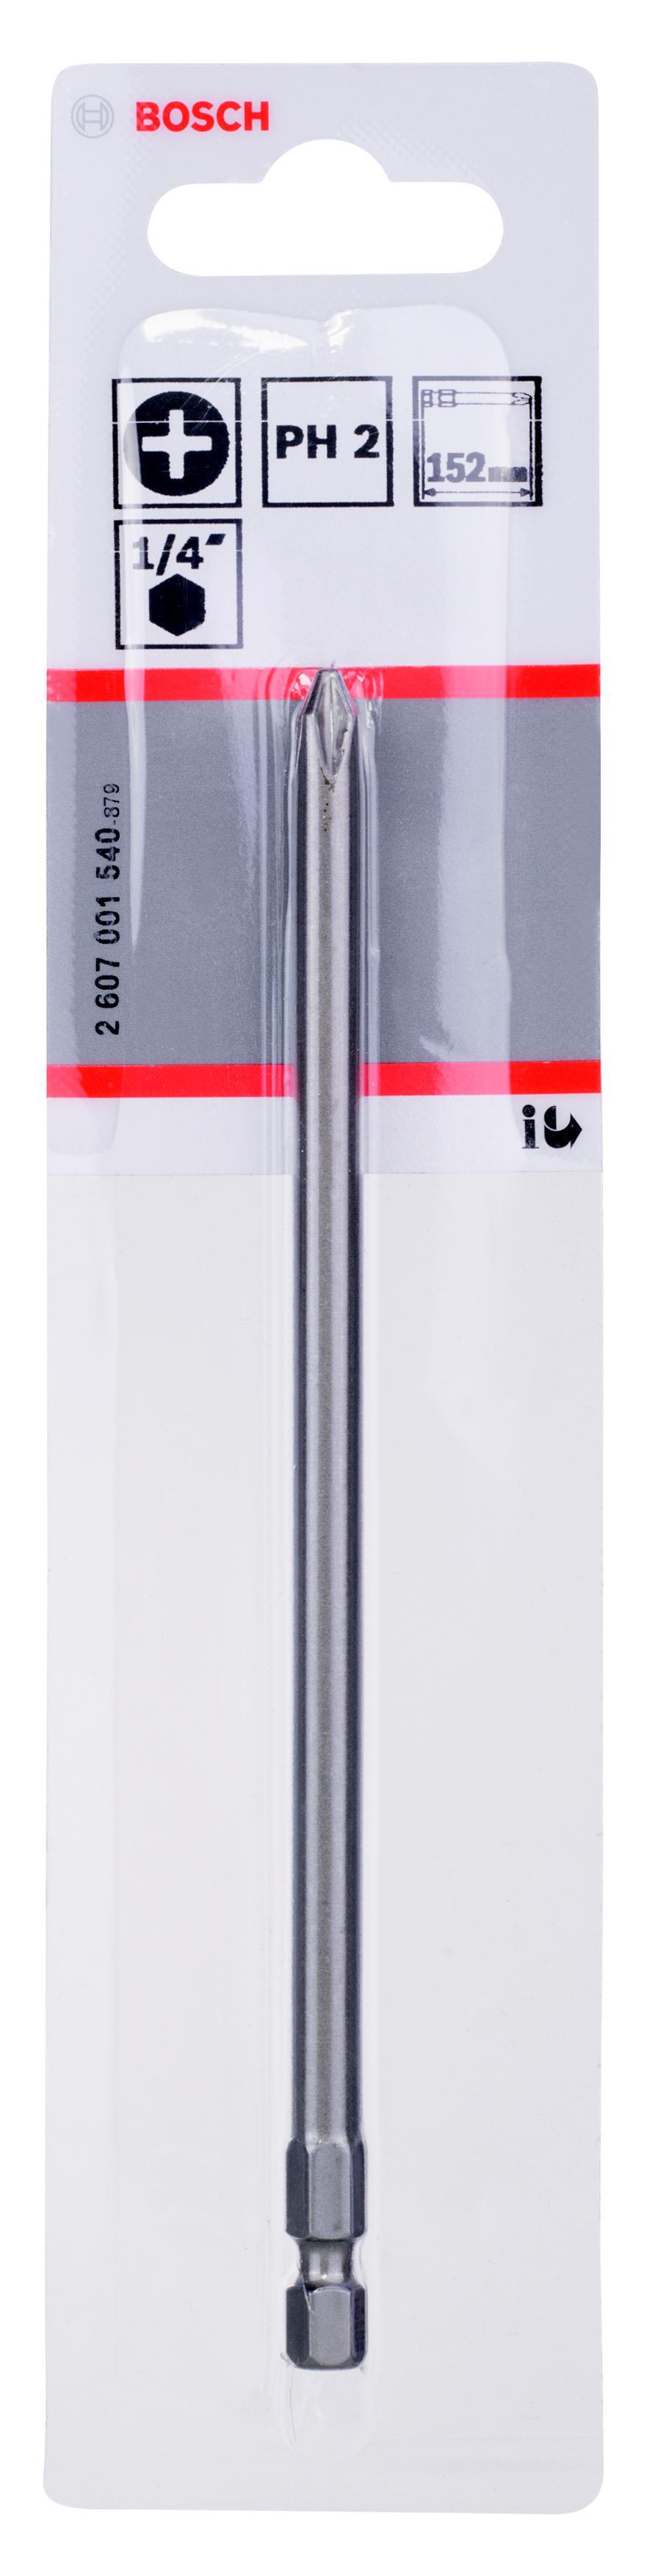 Бита Bosch Extra-hart ph2 152 мм, 1 шт. (2.607.001.540) бита ph2 152 мм bosch профи